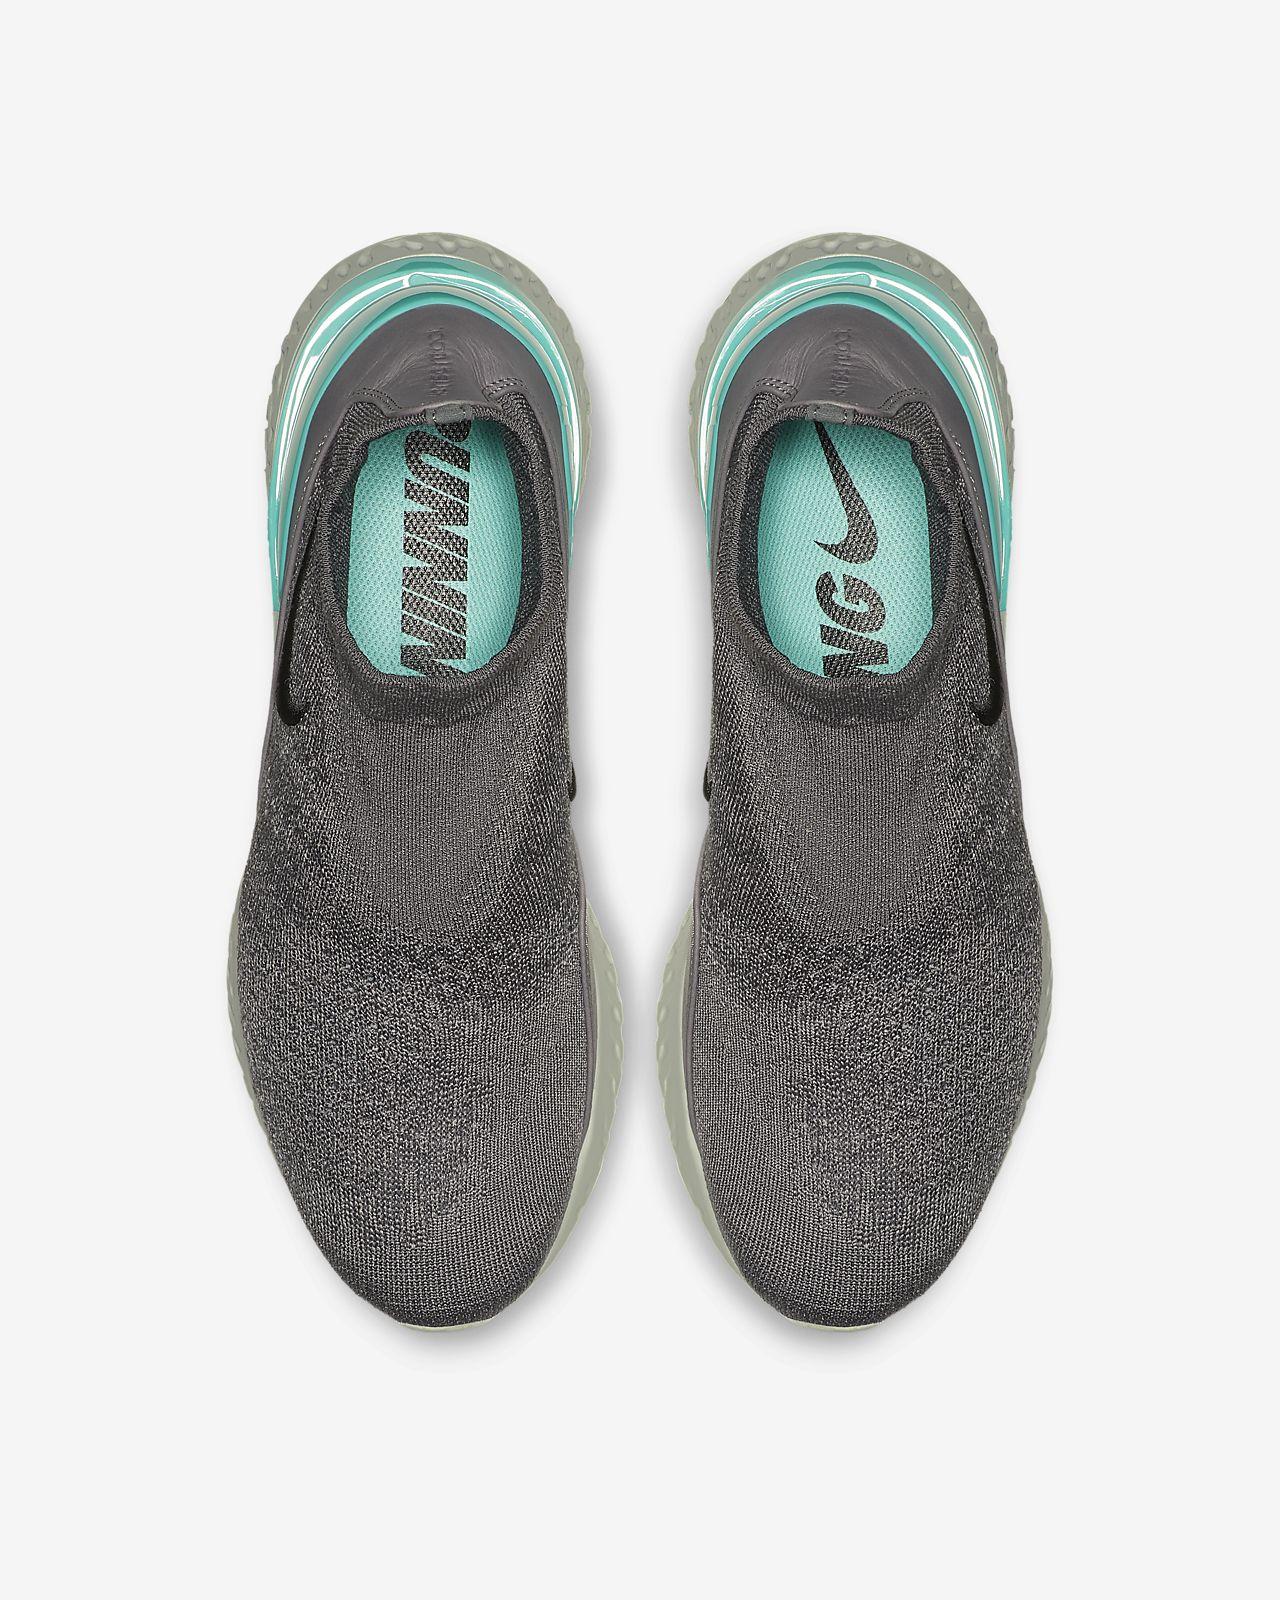 0a4c7e3d0c7d Nike Rise React Flyknit Running Shoe. Nike.com CA